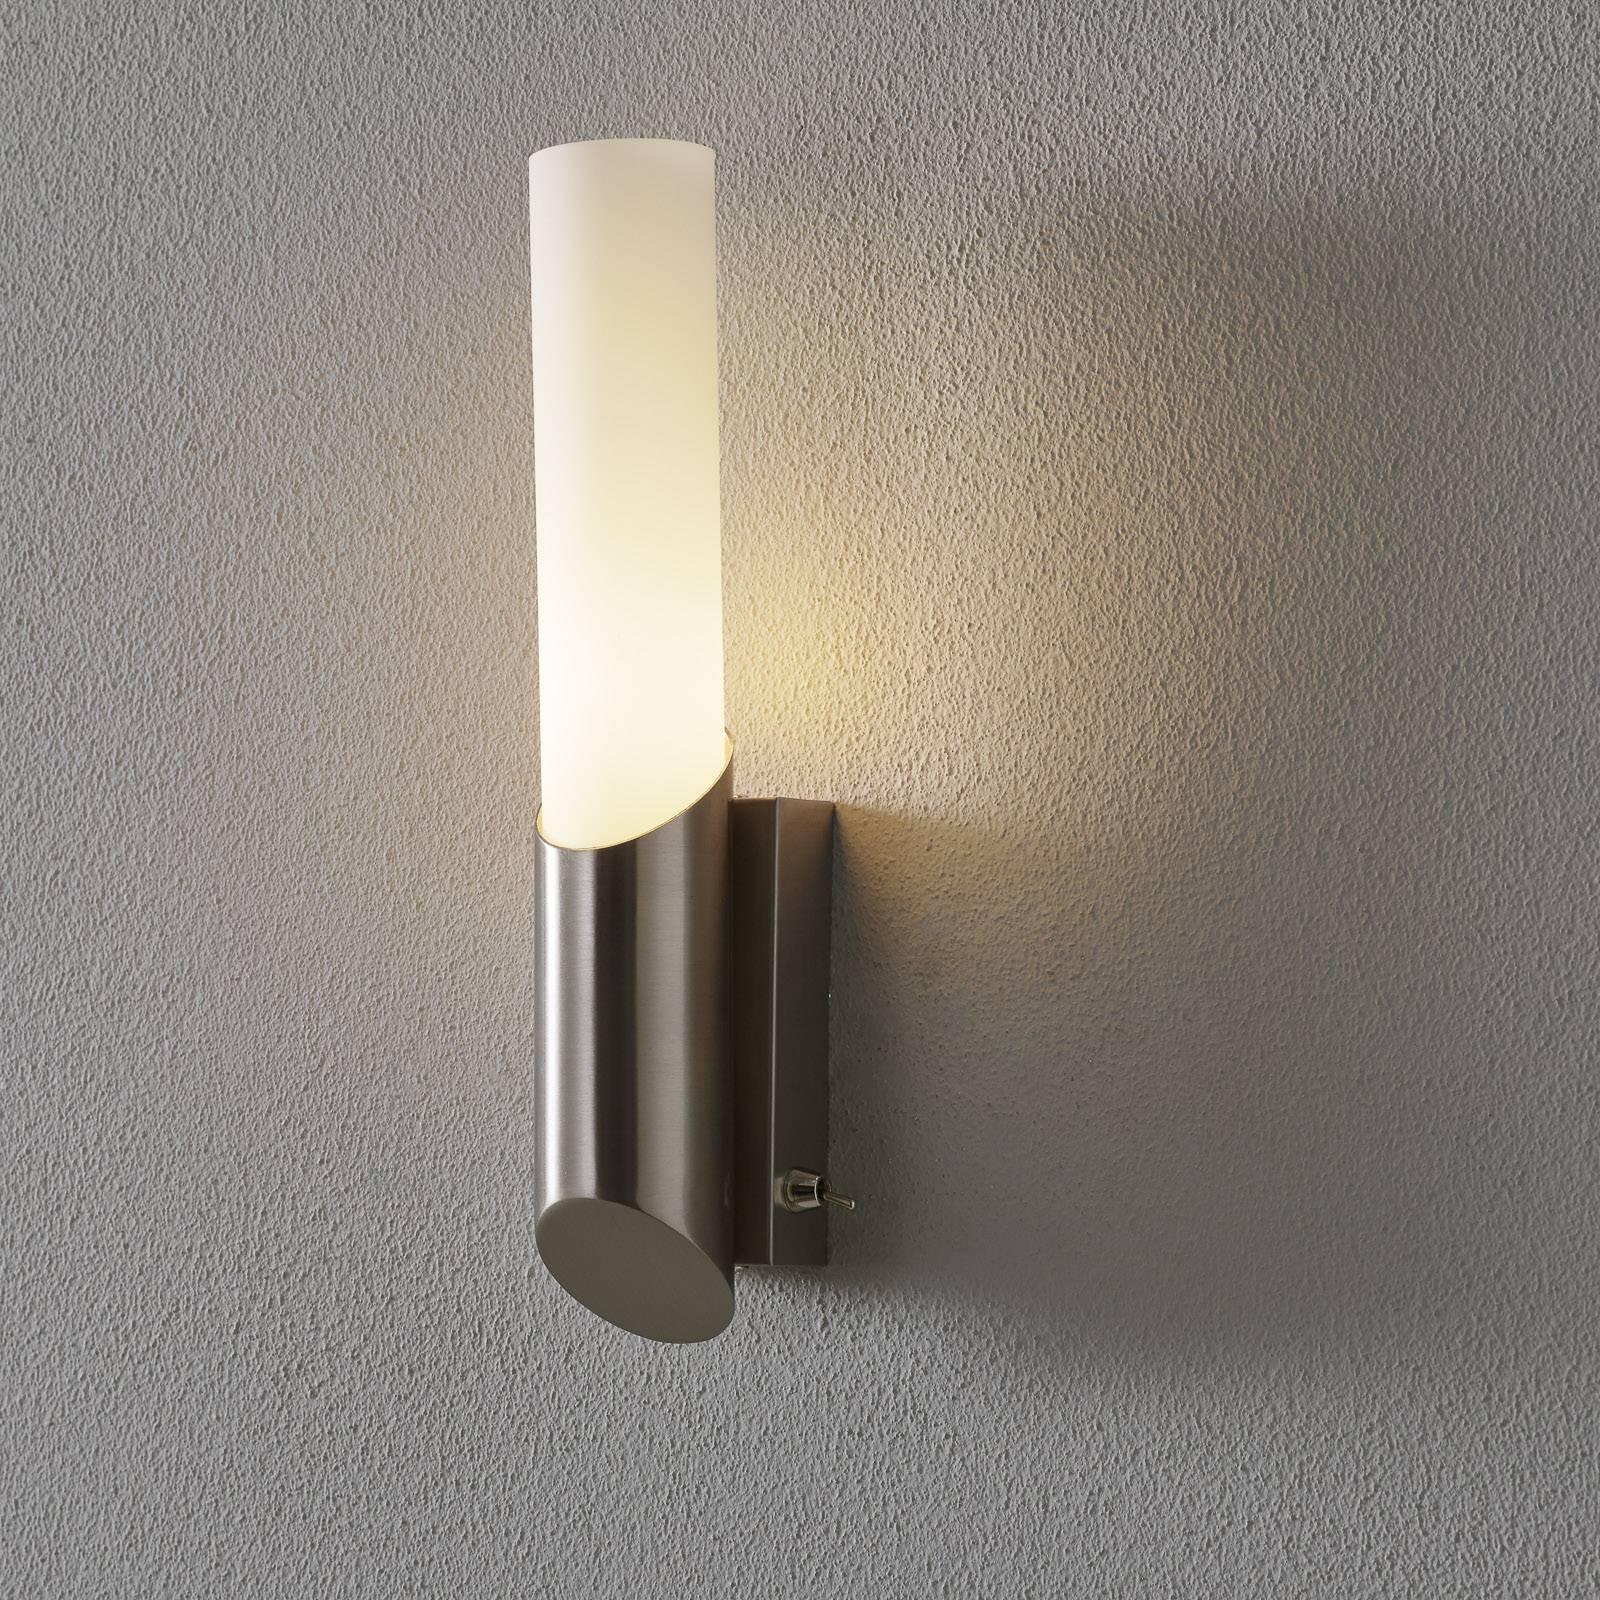 Moderni kylpyhuonelamppu Hagen ja kytkin